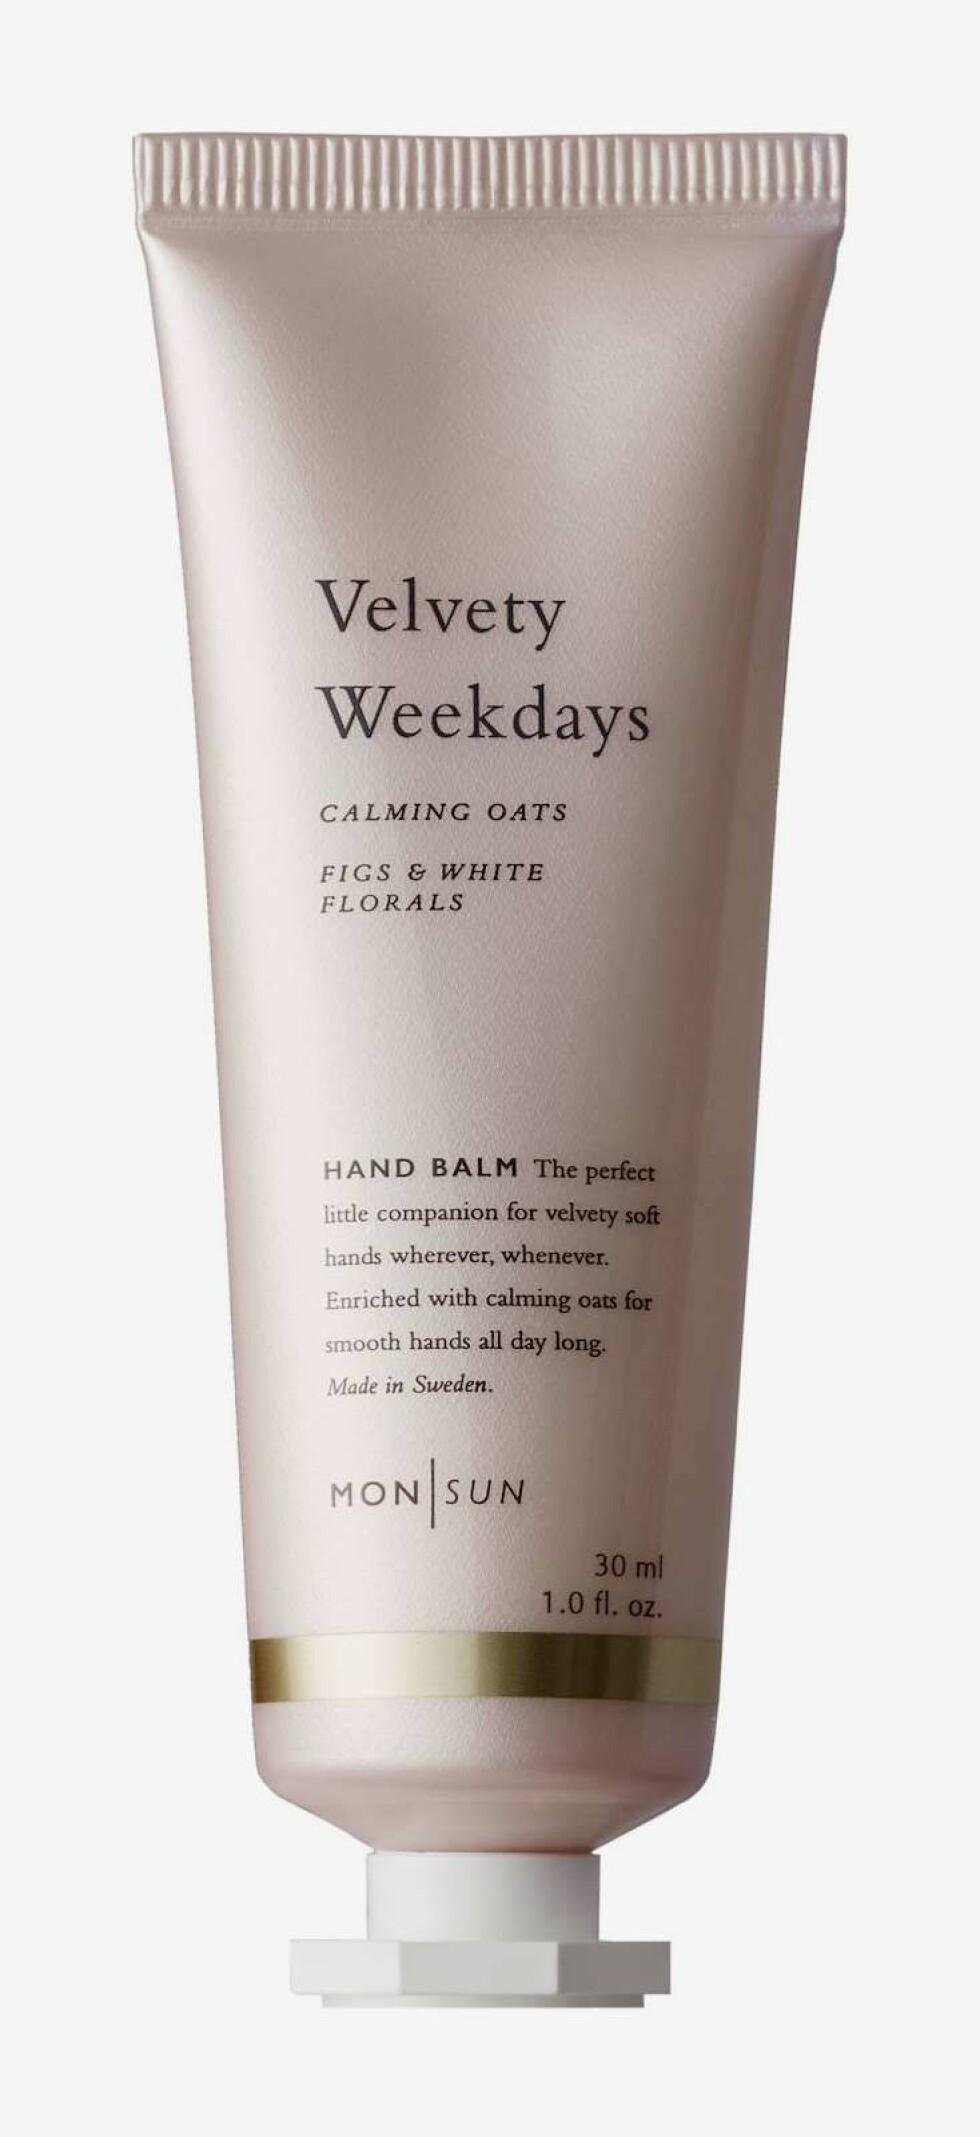 Håndkrem fra Mon Sun  59,-  https://www.kicks.no/hudpleie/kroppspleie/handkrem-handpleie/monsun-calming-oats-velvety-w-monsun-calming-oats-velvety-weekdays-hand-balm-30